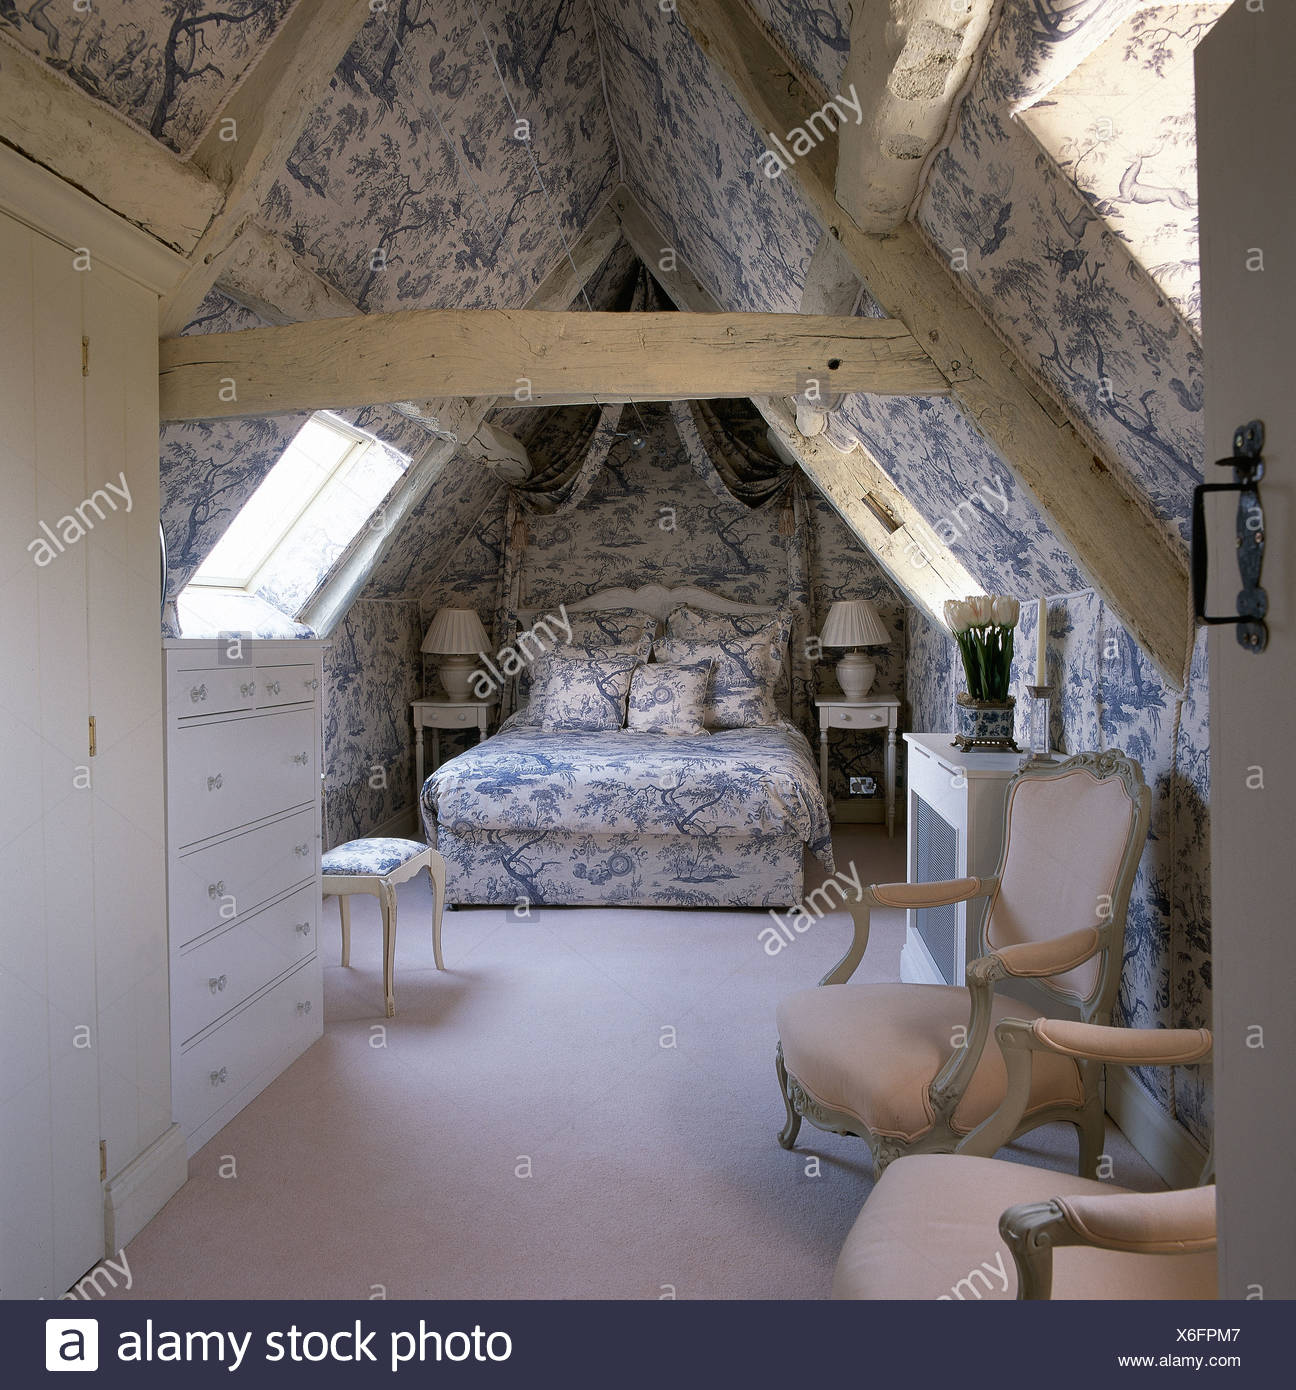 Blau + weiß Toile De Jouy Tapete und koordinierte Bettdecke im ...